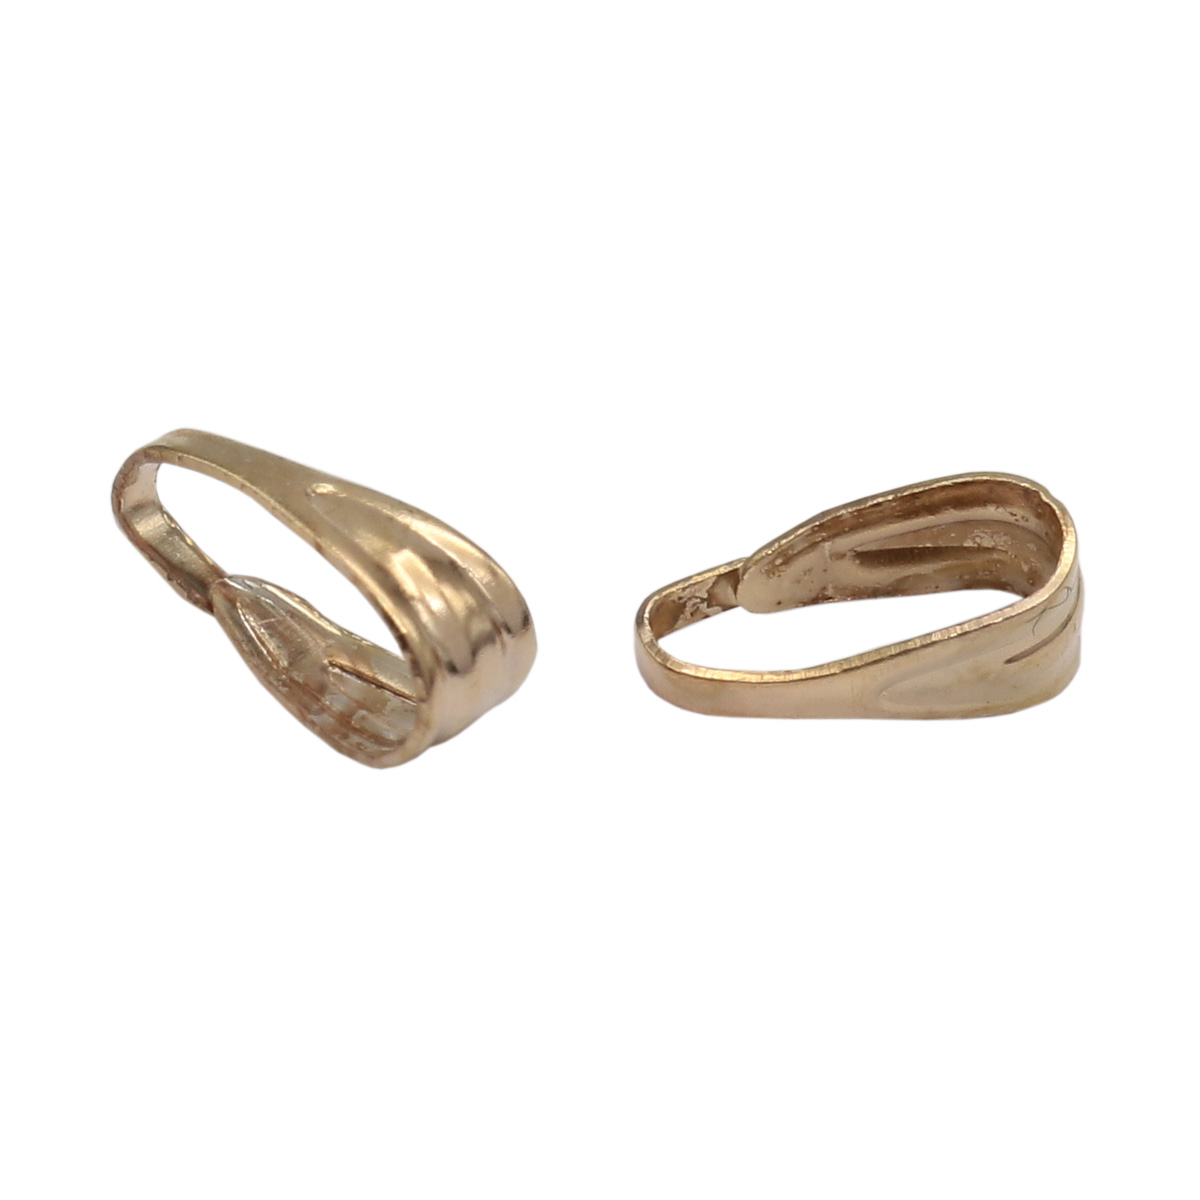 4AR193 Петля-держатель для кулона, 5шт/упак, Астра (Золото)